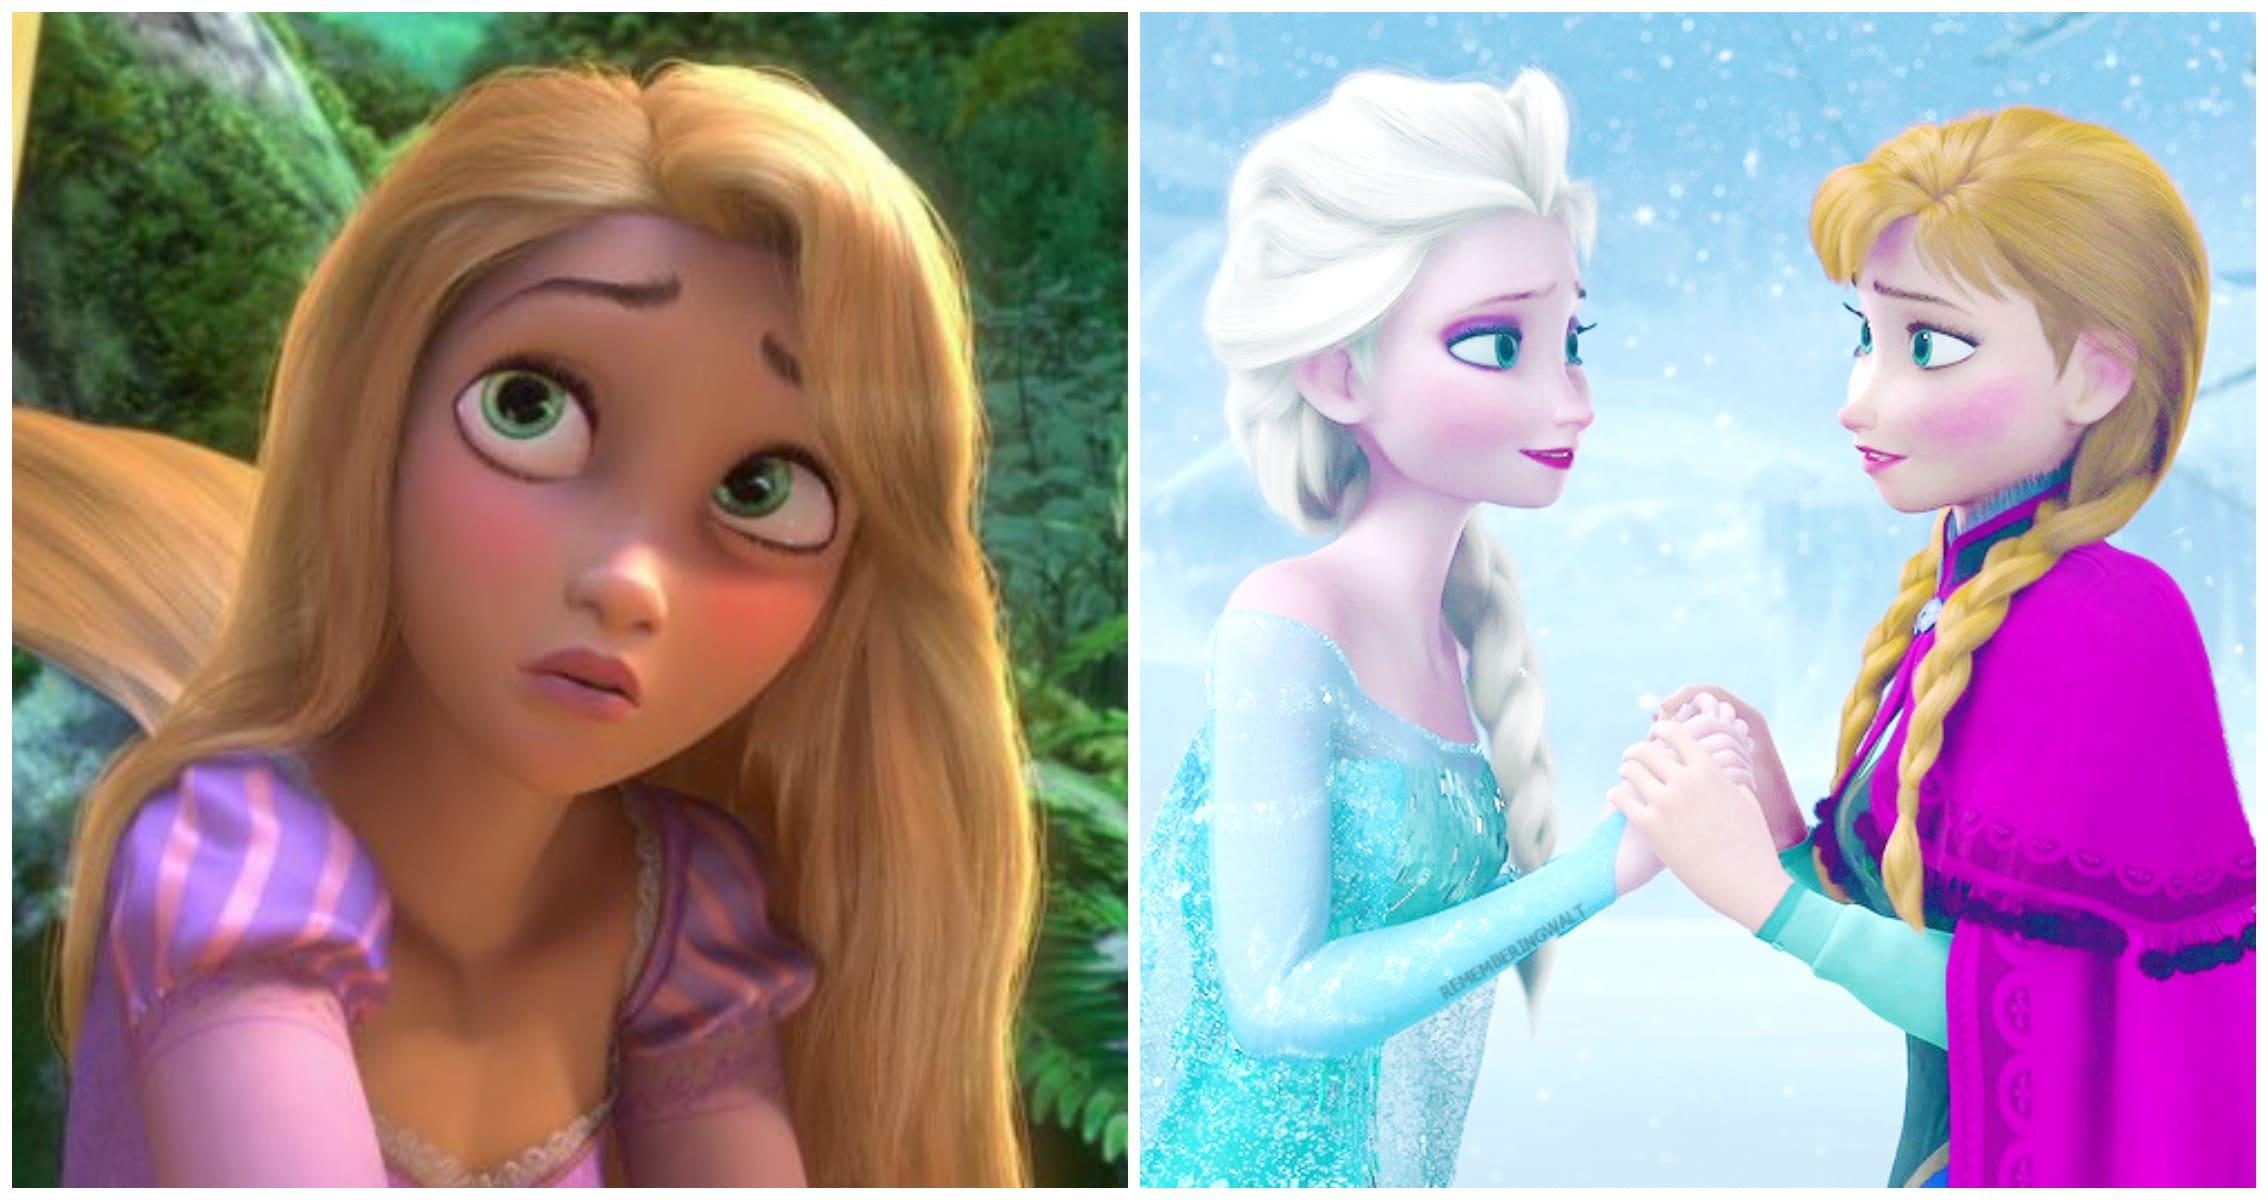 Découvrez la Princesse Disney qui serait bien la cousine d'Anna et Elsa de La Reine des Neiges !